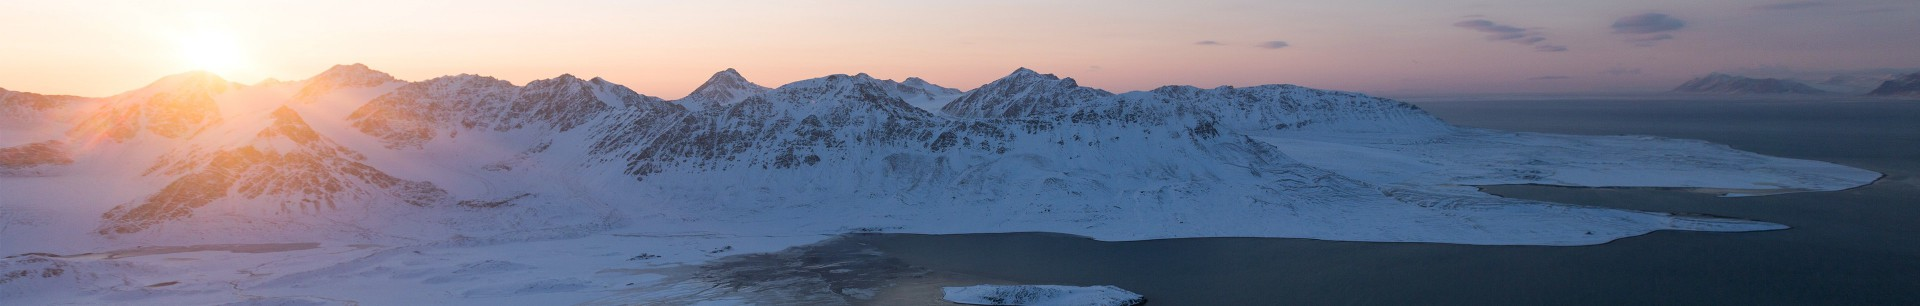 Arktis-Kunsthandwerk: Treibholz-Bilderrahmen und Küchenbrettchen aus Spitzbergen, handgemacht in Longyearbyen